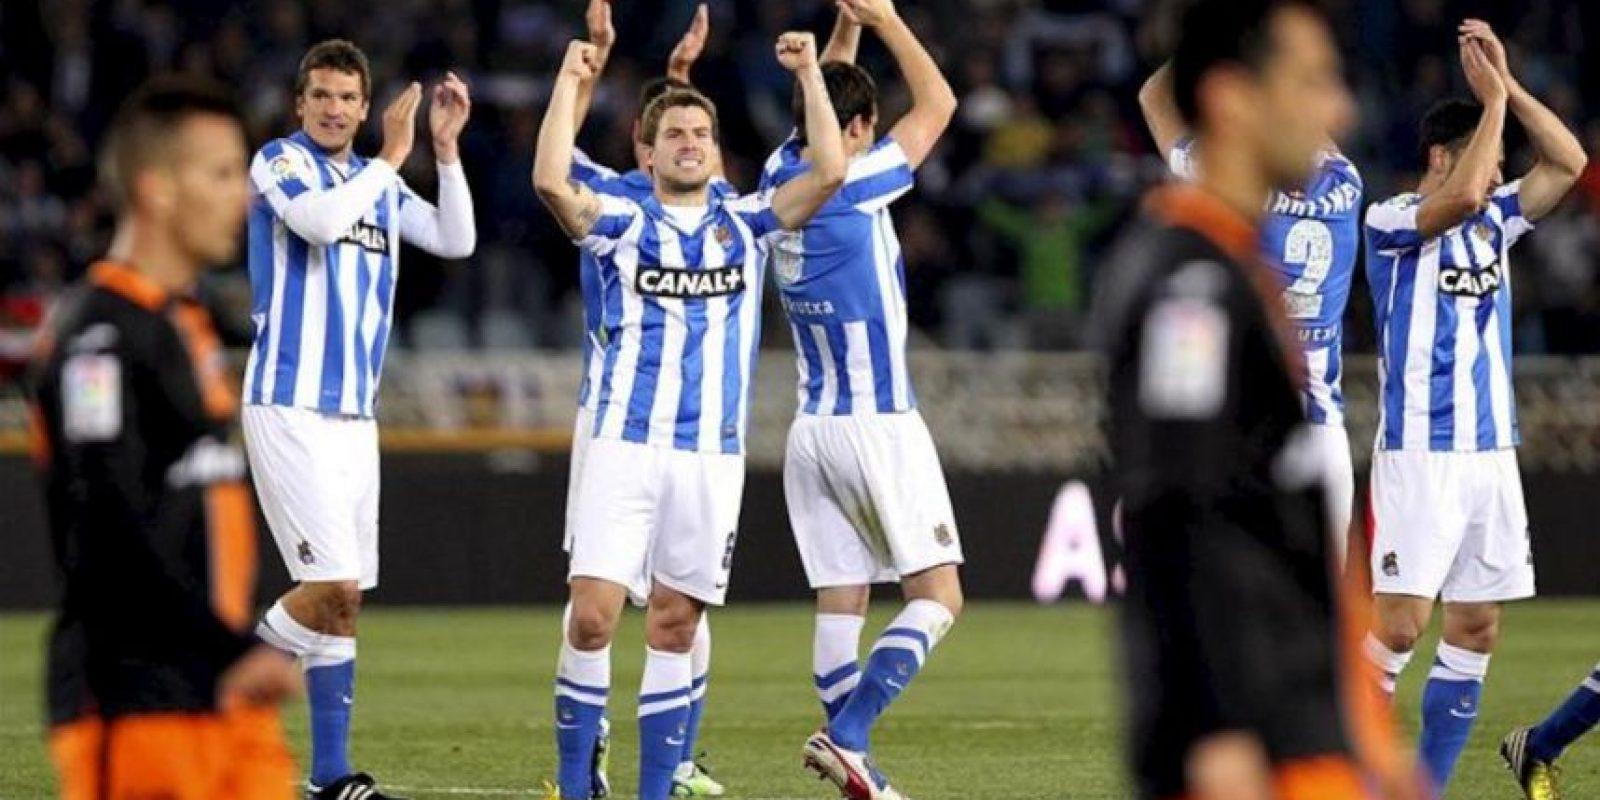 Los jugadores de la Real Sociedad, Asier Illarramendi (2i) y Ion Ansotegi (i), celebran junto a sus compañeros la victoria ante el Valencia C.F por 4-2, tras el partido de la trigésima tercera jornada de Liga en Primera División que se disputó en el estadio de Anoeta de San Sebastián. EFE